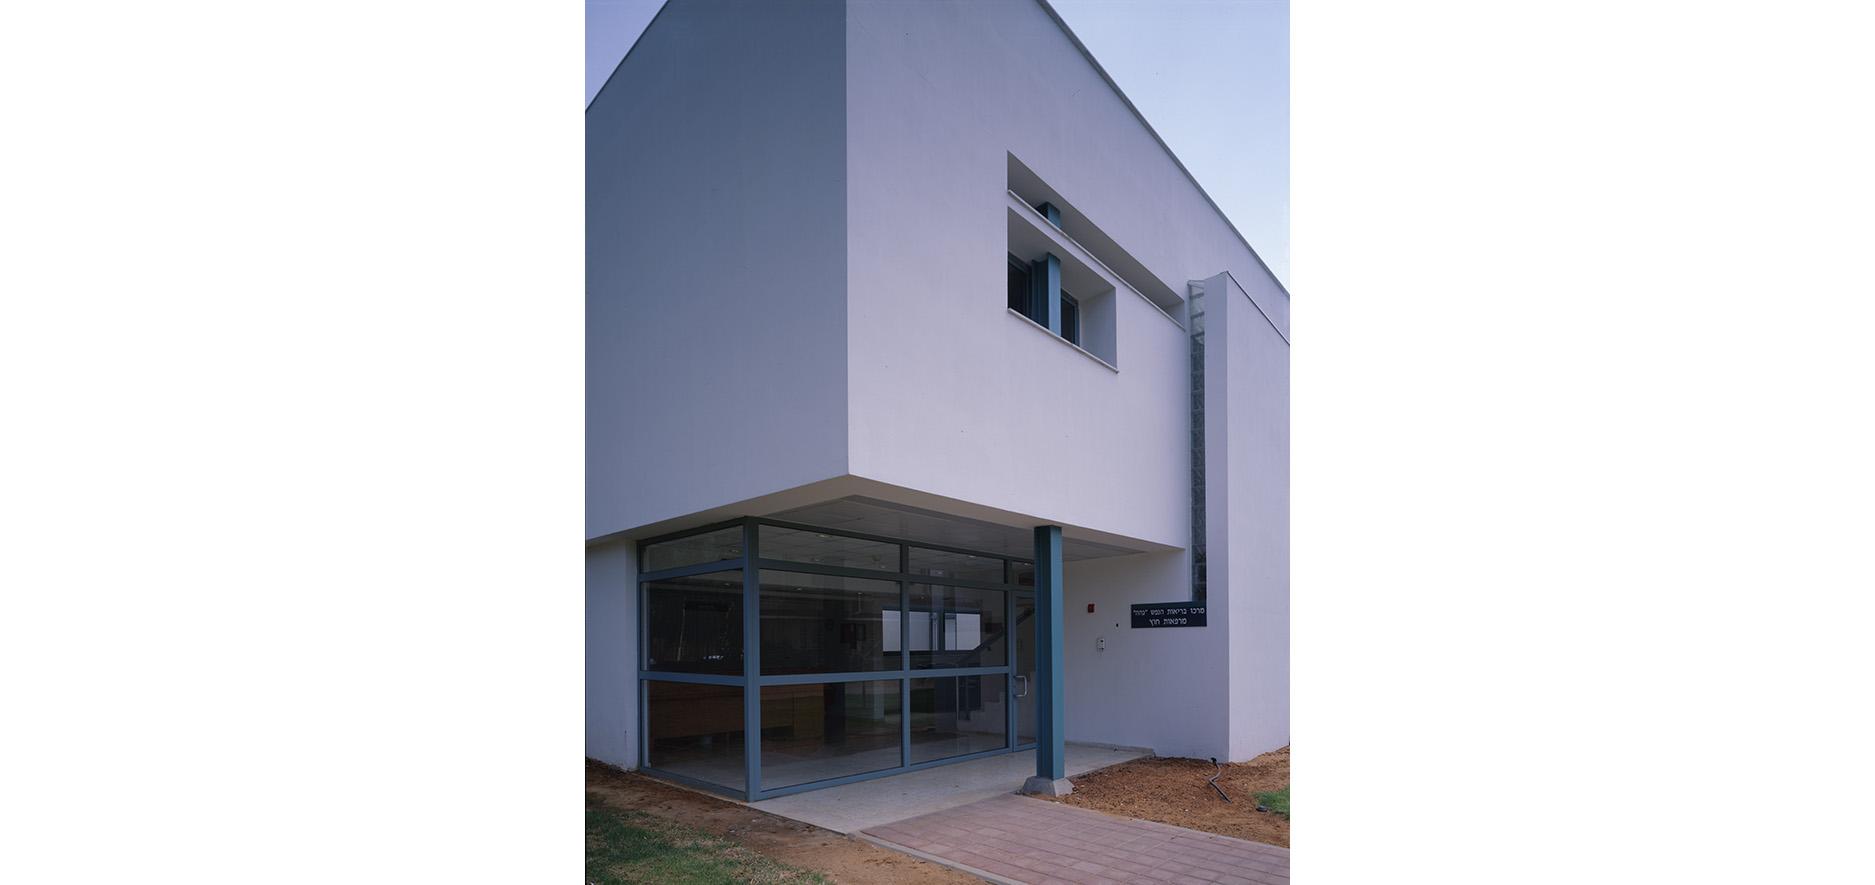 Beit_Holim_Geha_By_Kolker_Epstein_Architects002